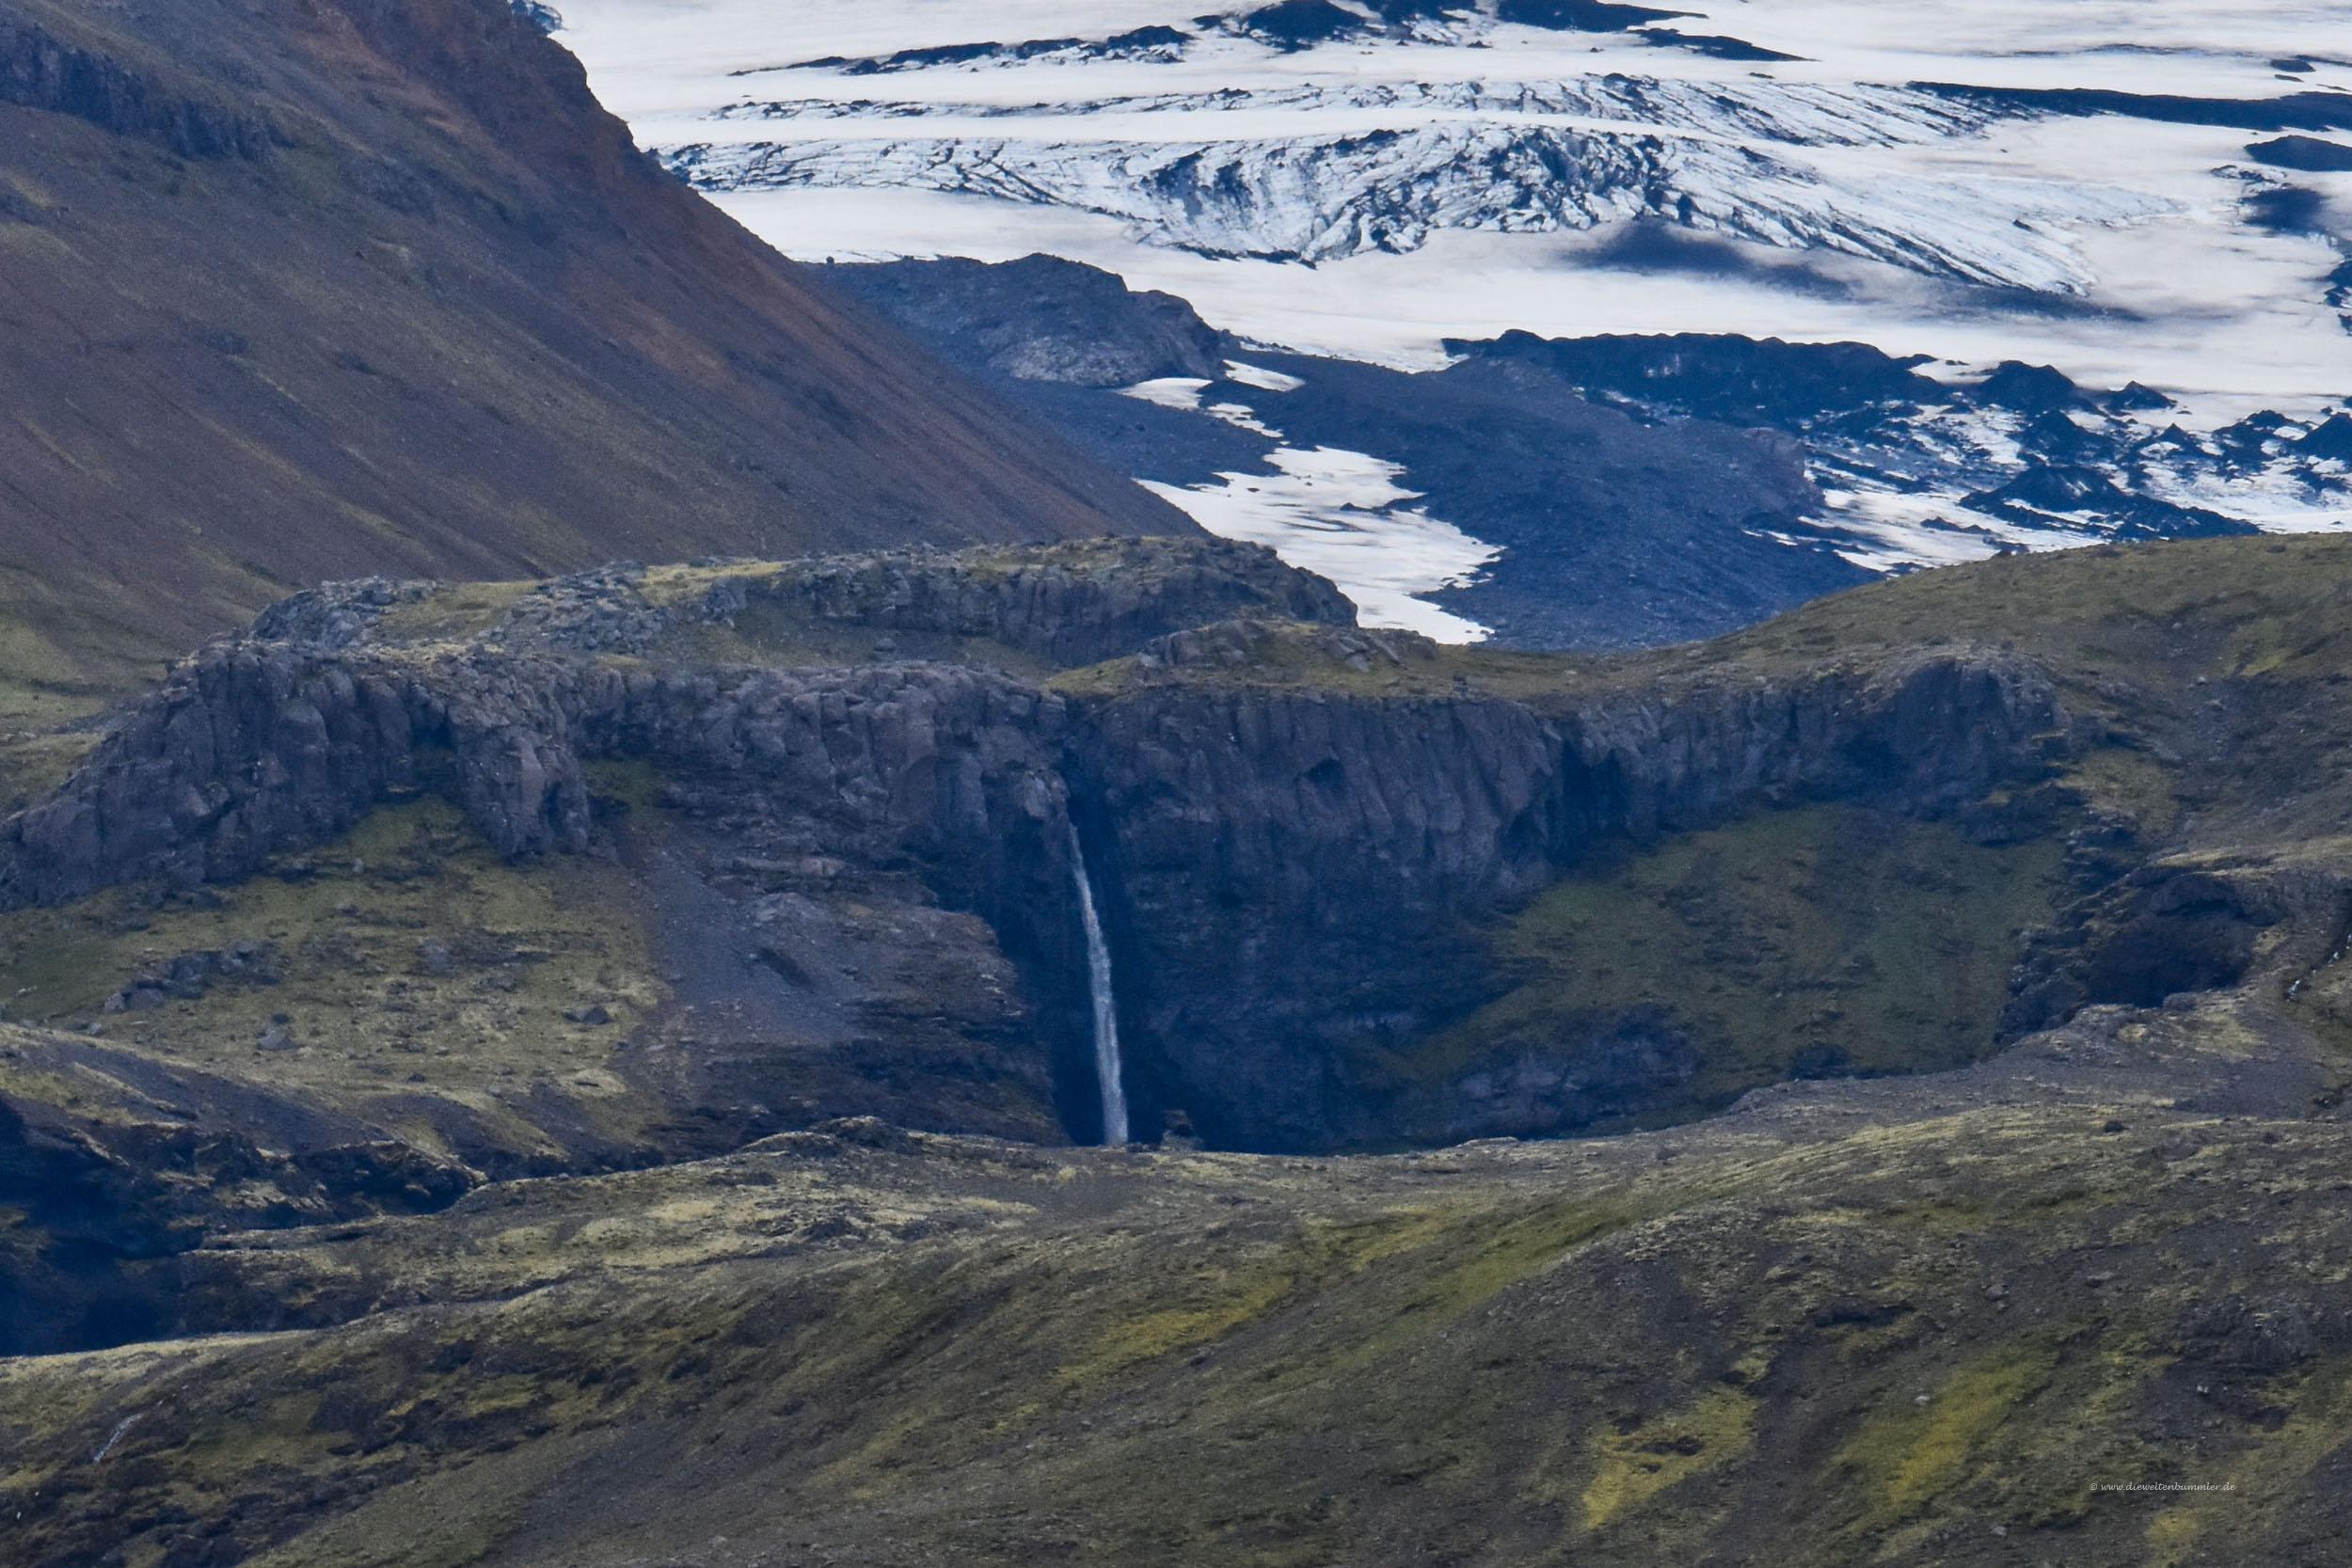 Wasserfall am Südrand des Vulkans